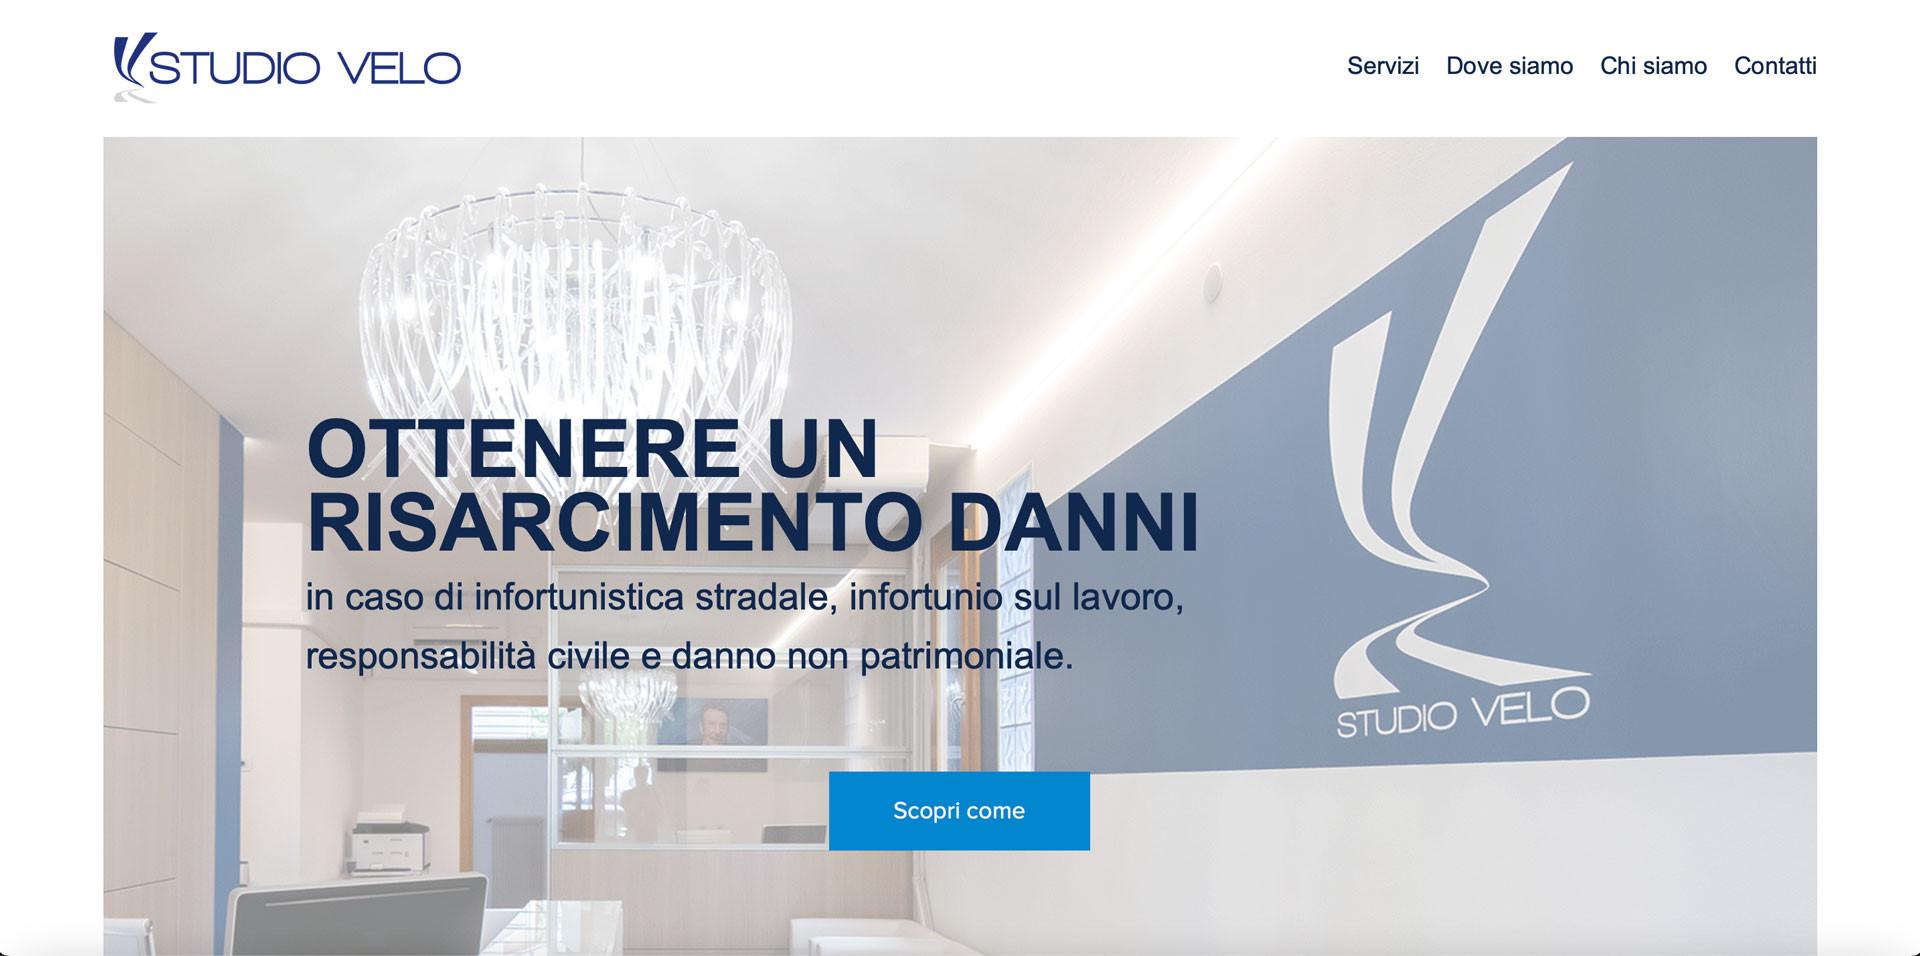 Studio-velo-web-site.jpg